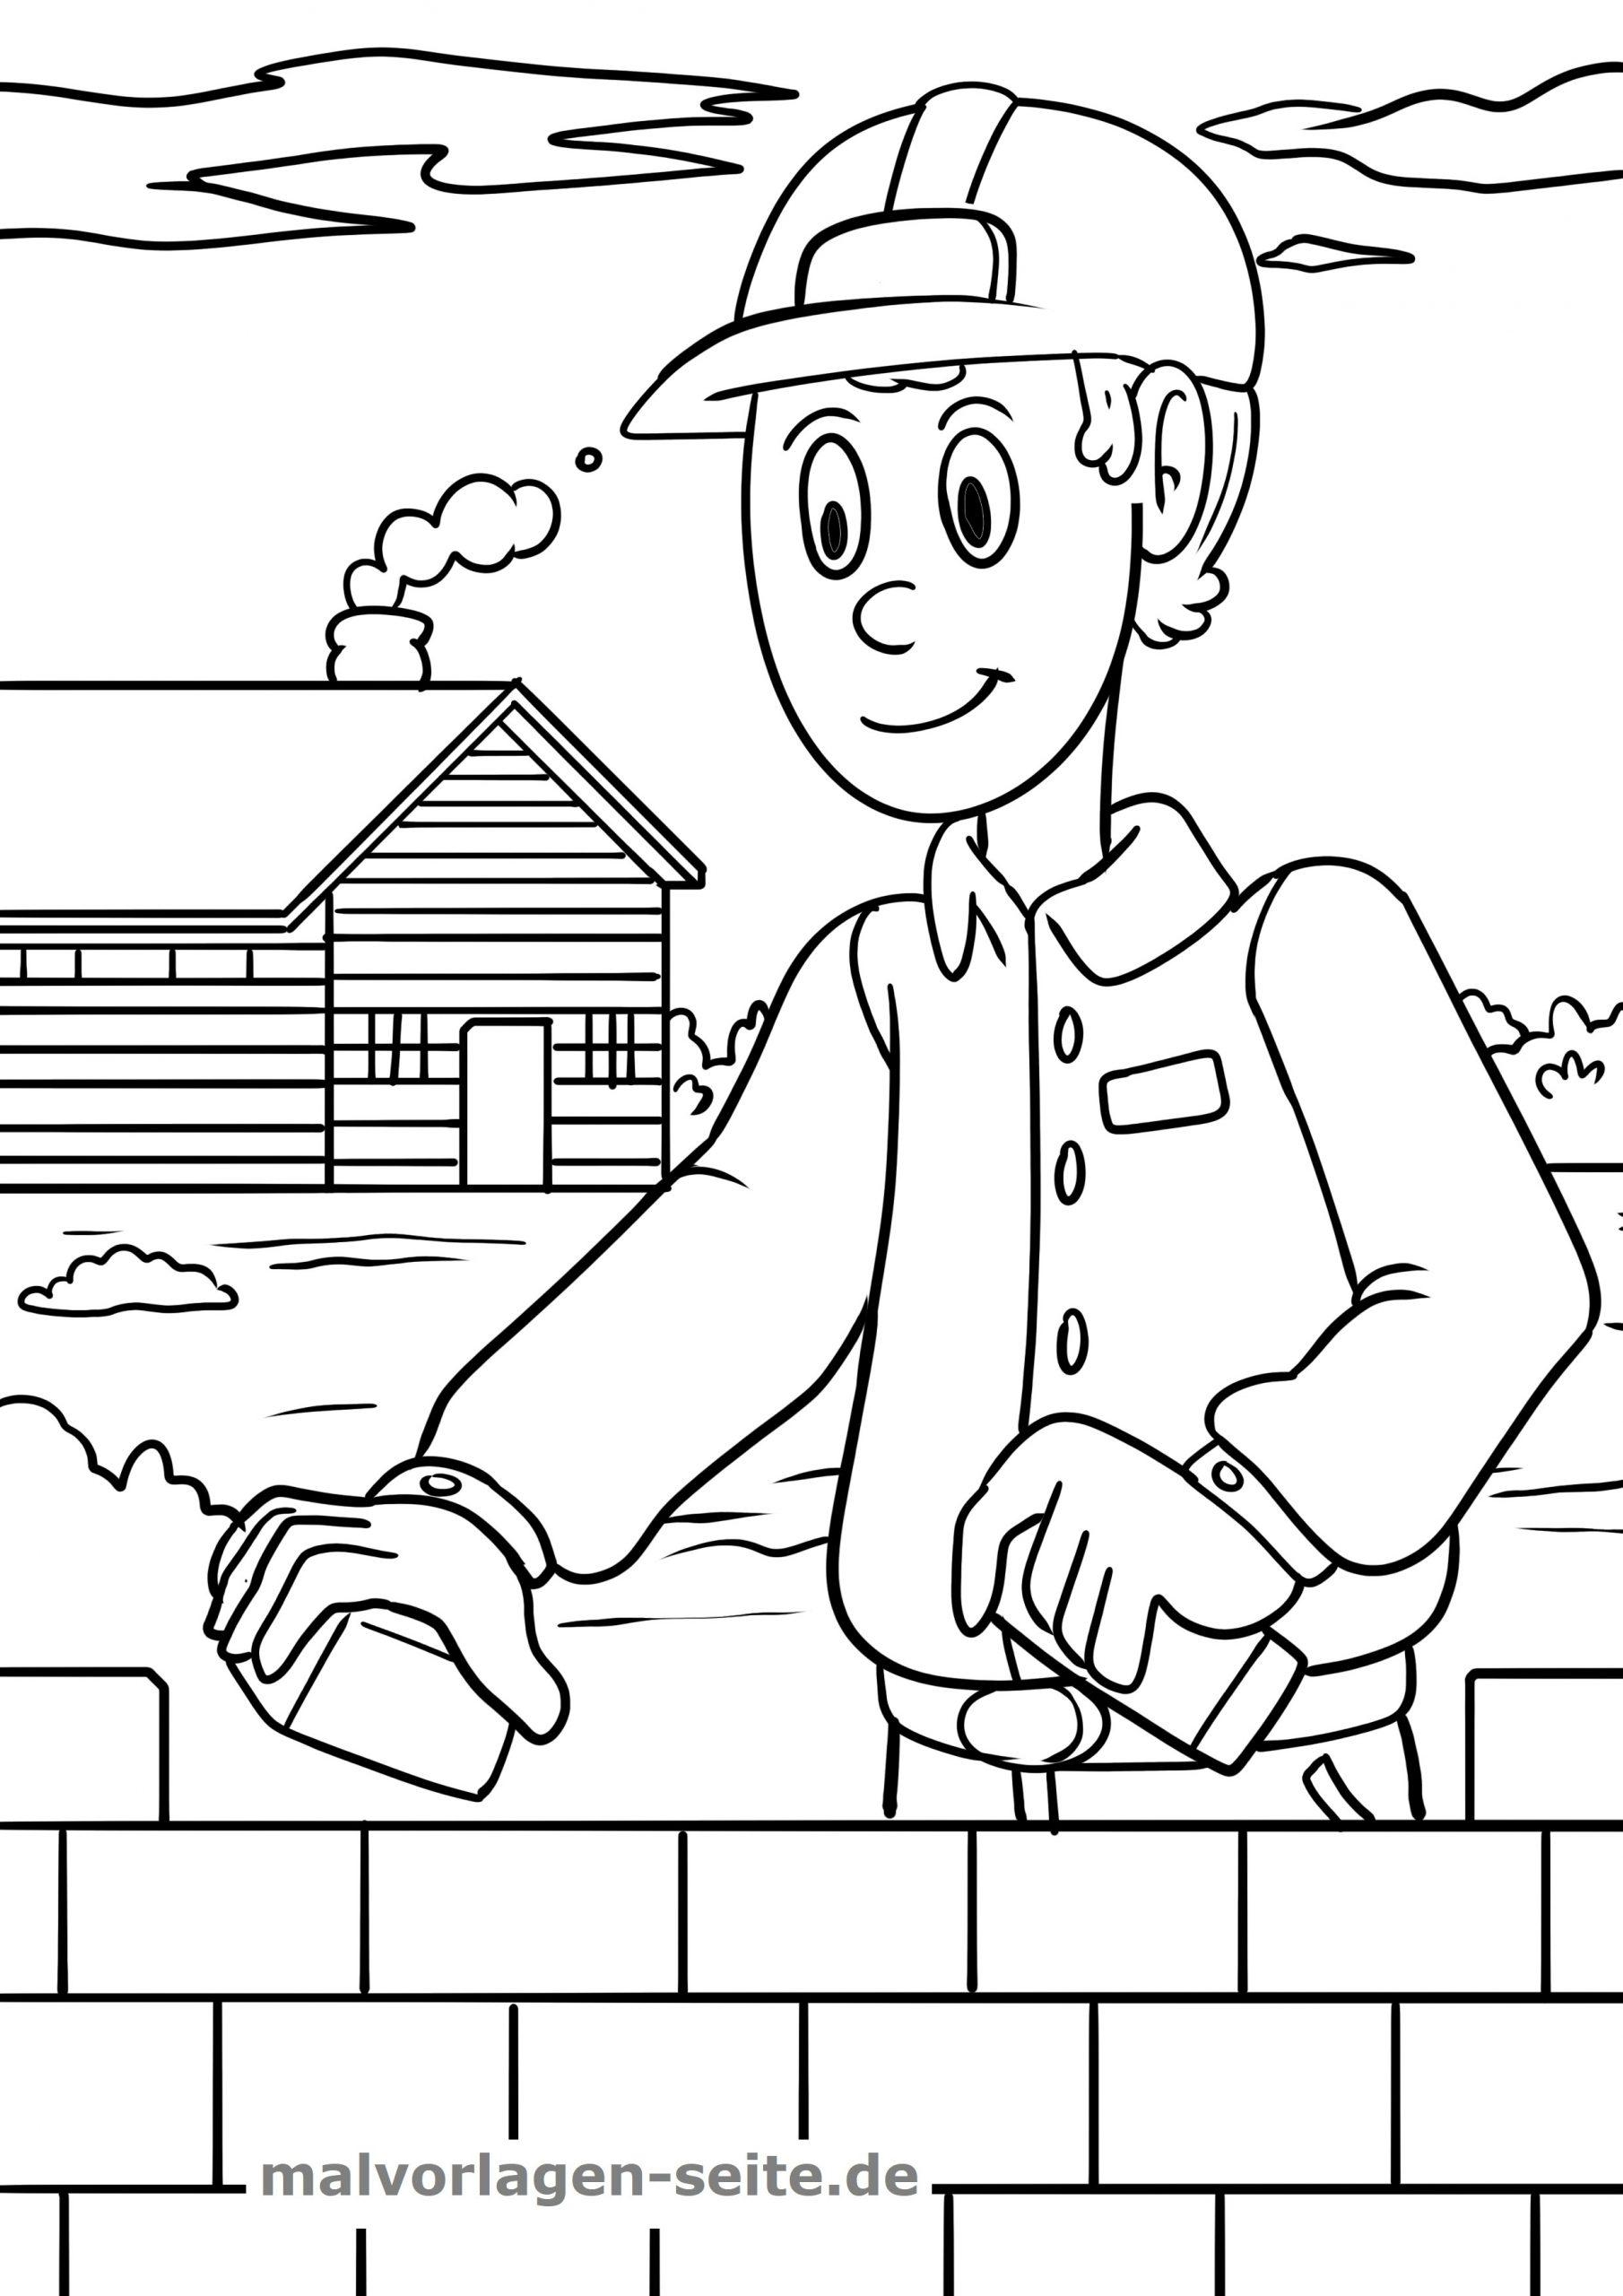 Malvorlage Baustelle - Ausmalbilder Kostenlos Herunterladen verwandt mit Baustelle Ausmalbilder